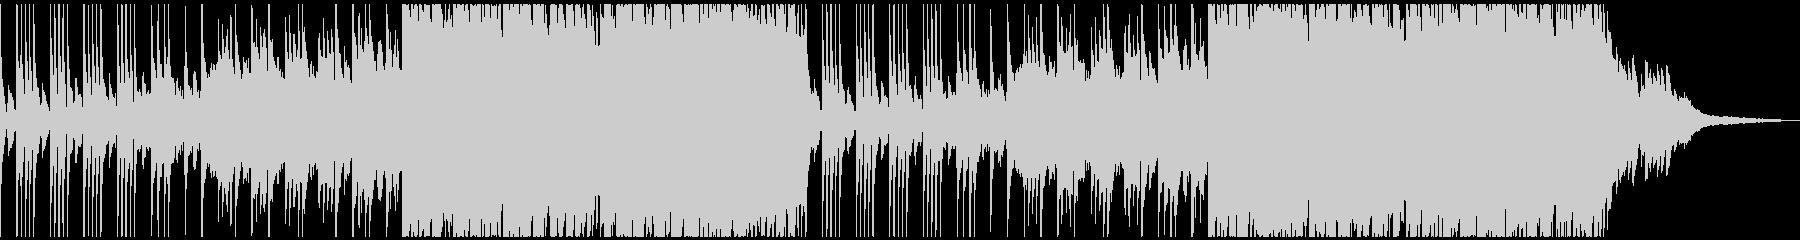 ピアノ ストリングス ヒーリングの未再生の波形